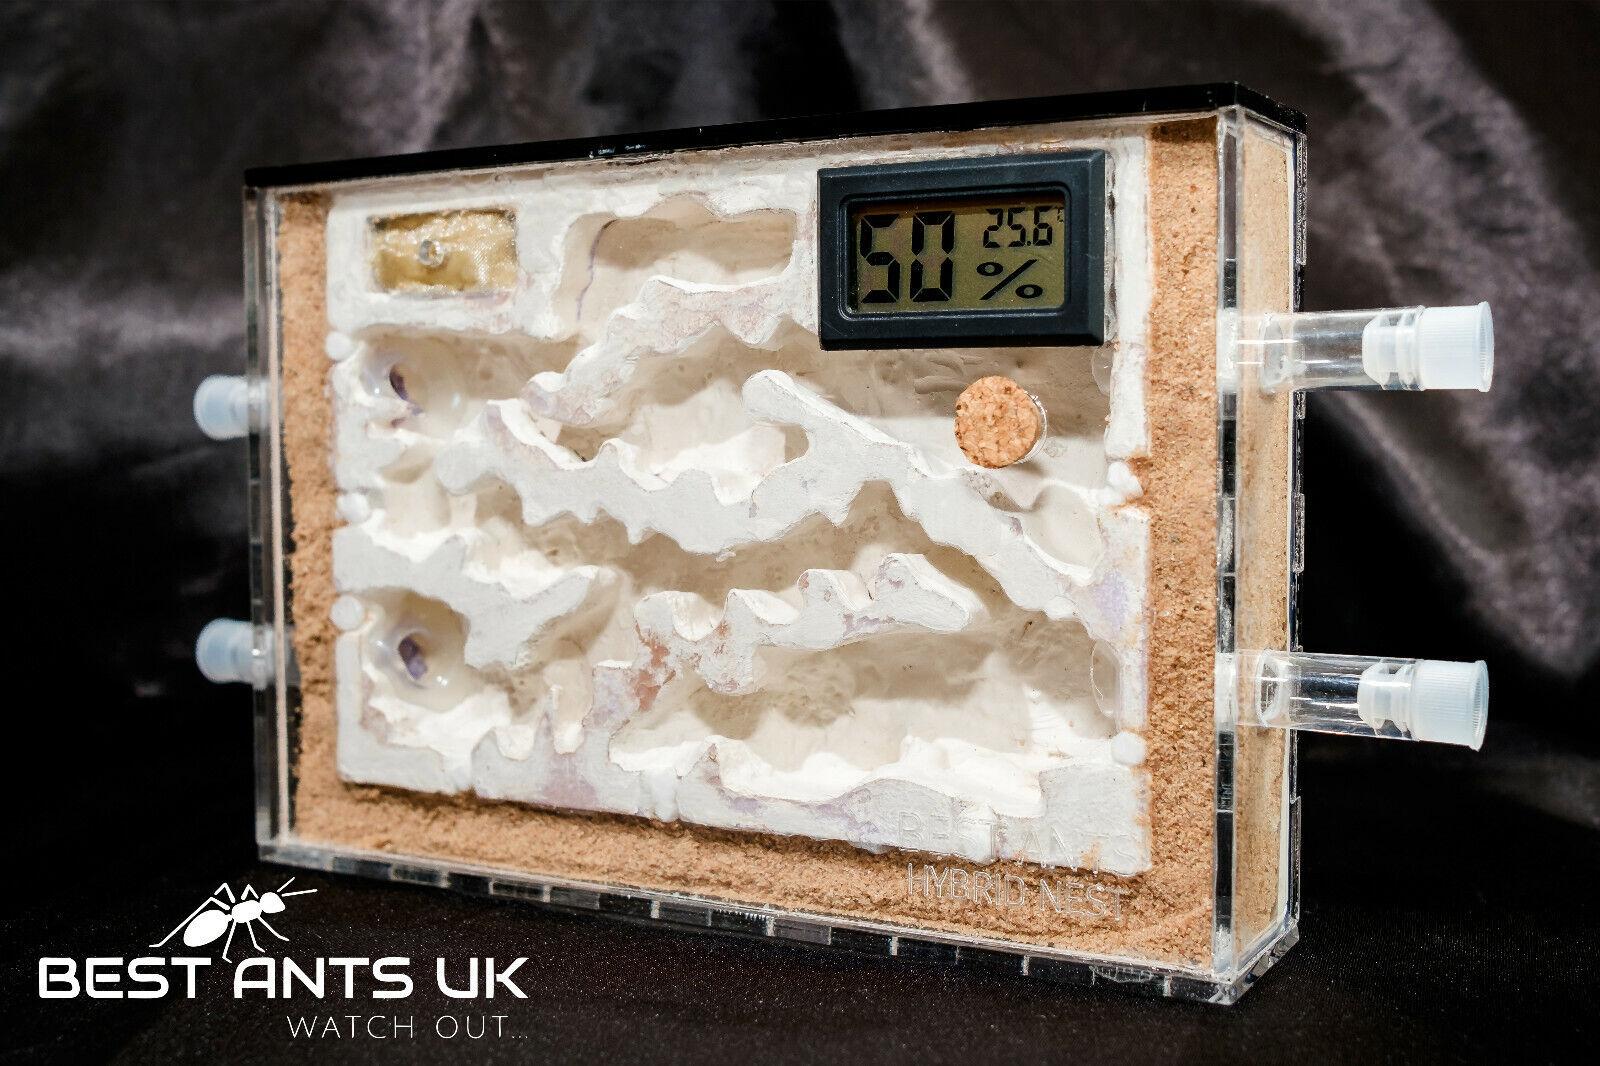 ANT Combo Hybrid nido Ant Farm A5 ANT formicarium  Umidità Misuratore della temperatura